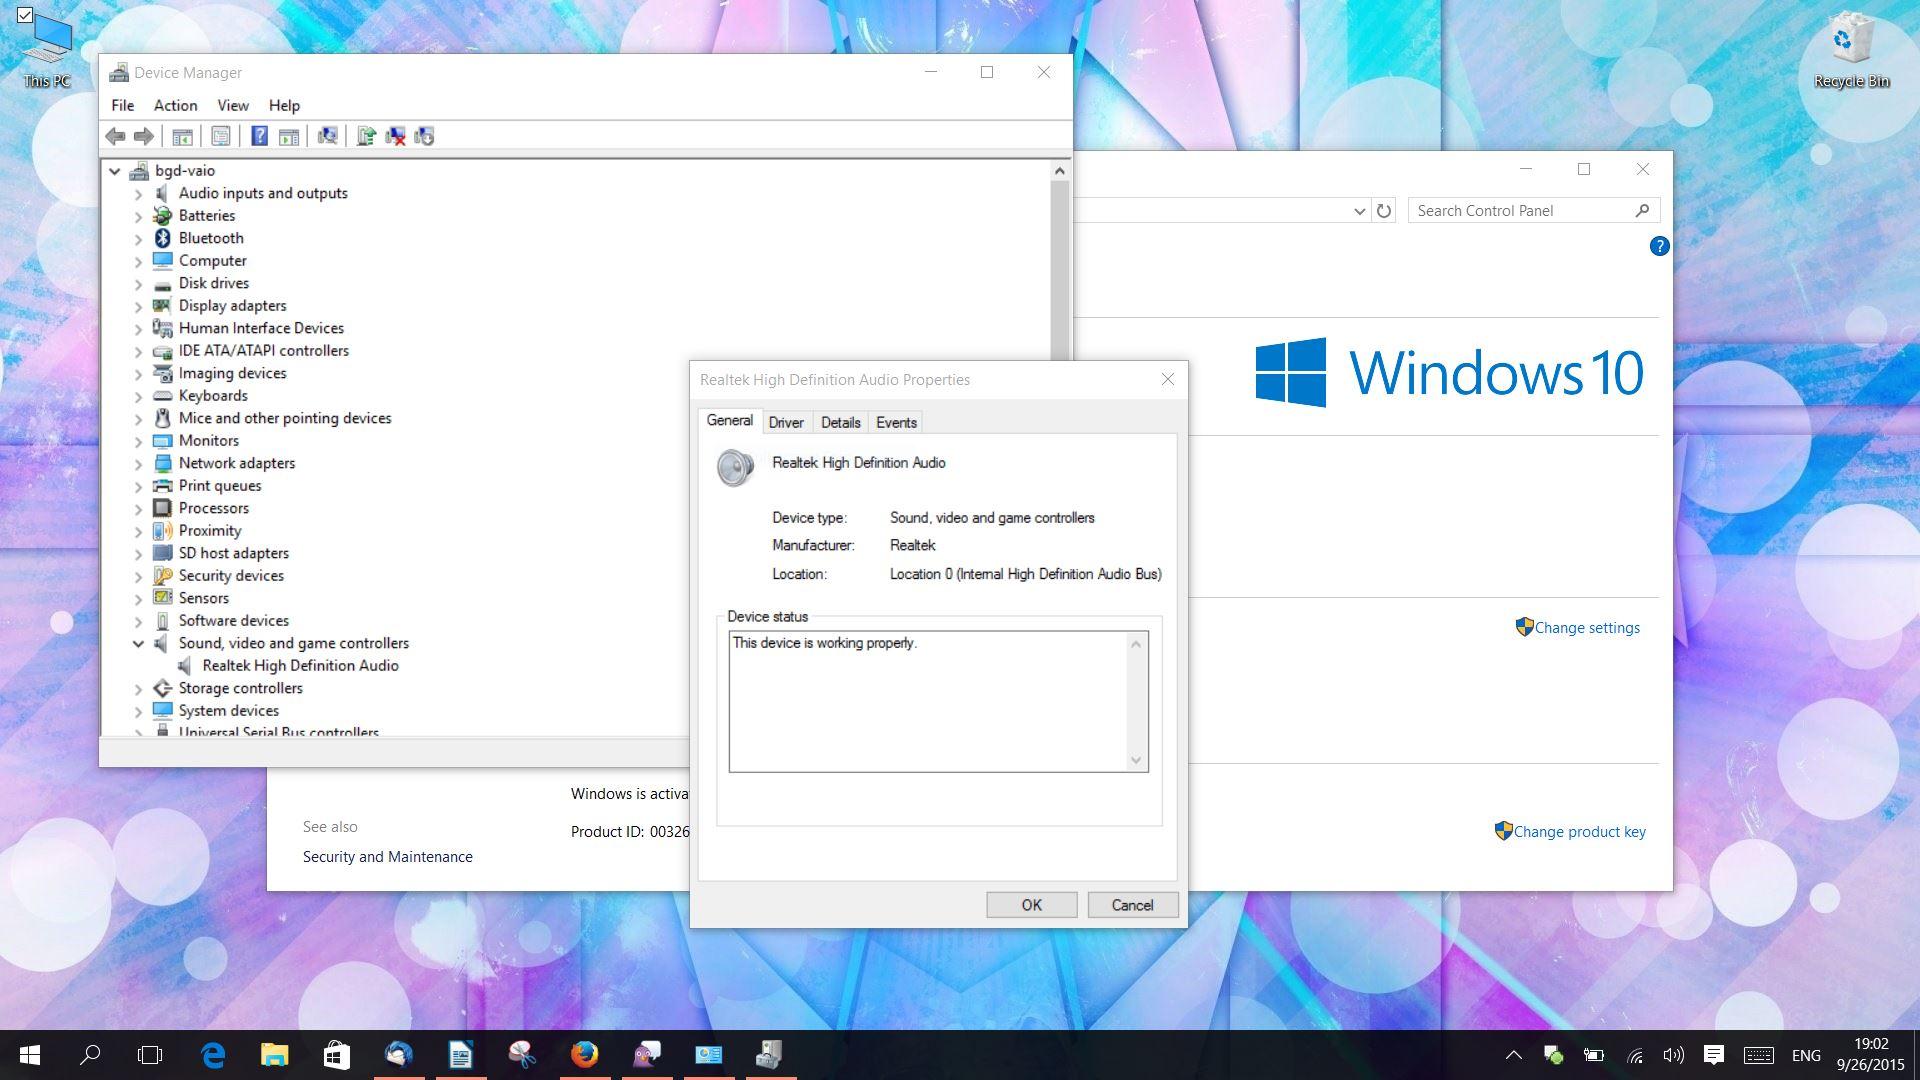 windows 10 videos have no sound